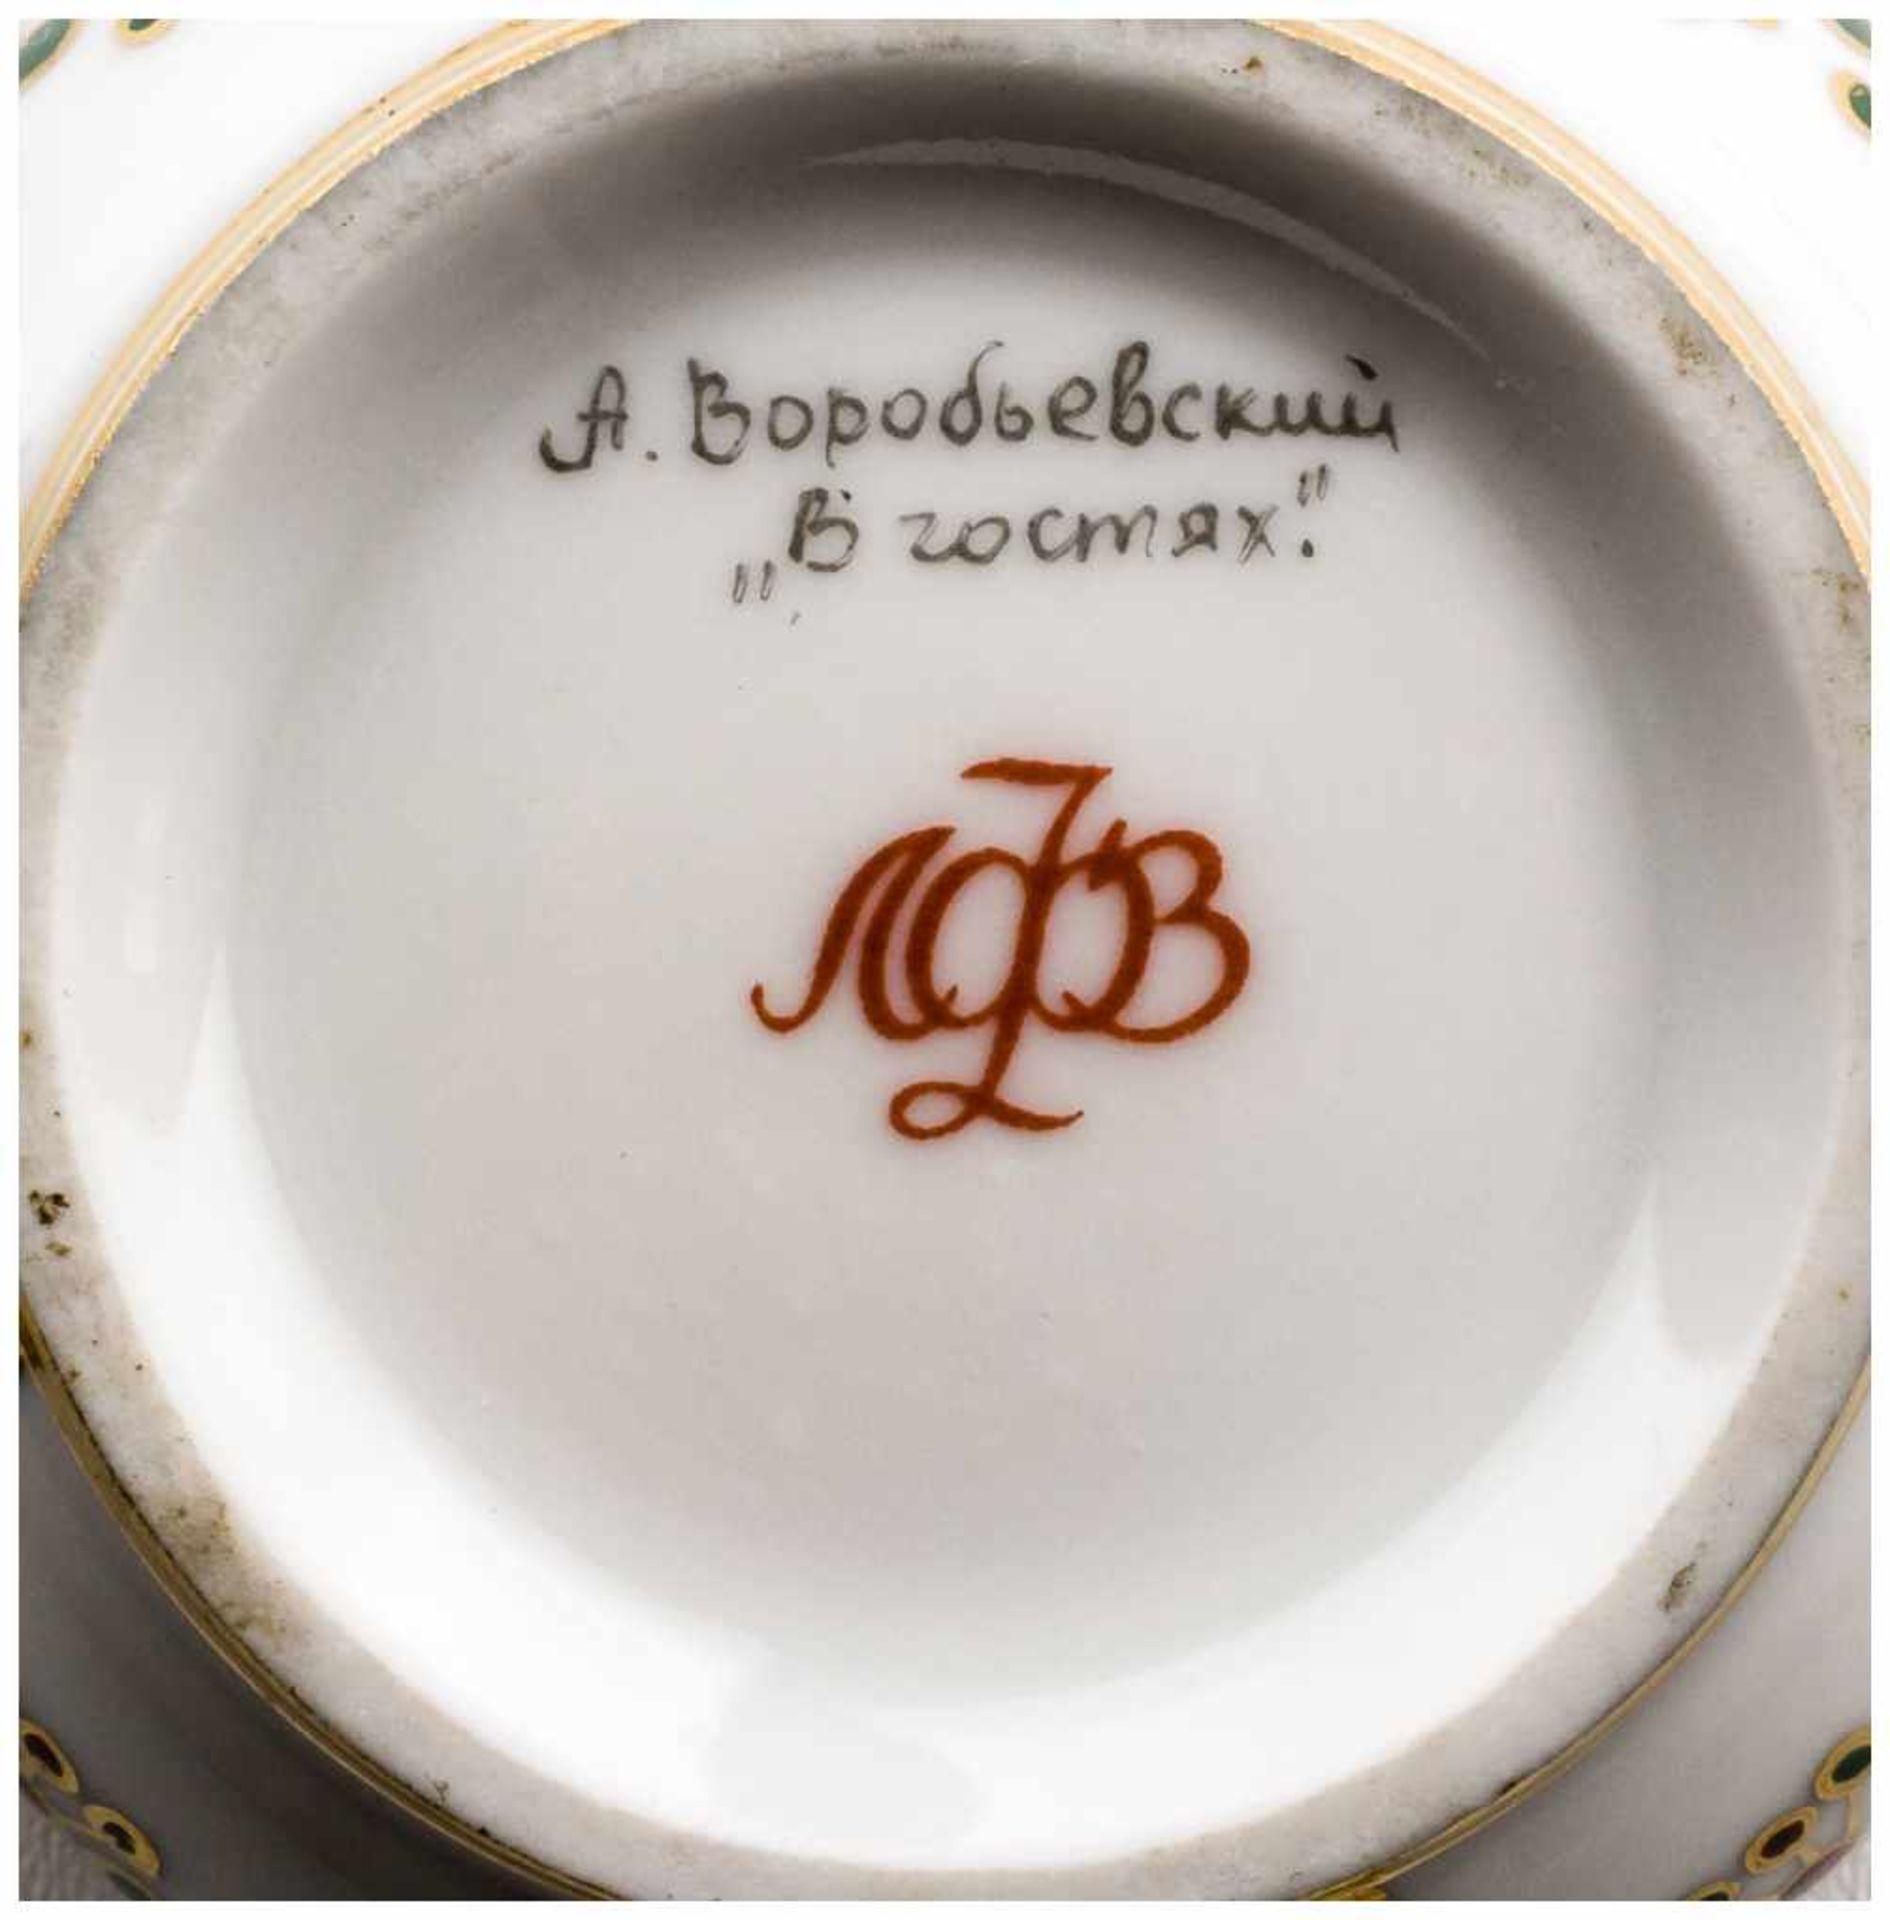 Los 29 - Gastgeberin Lomonosov Porzellanmanufaktur St. Petersburg, 2. Hälfte 20. Jh. Signiert von Alexey